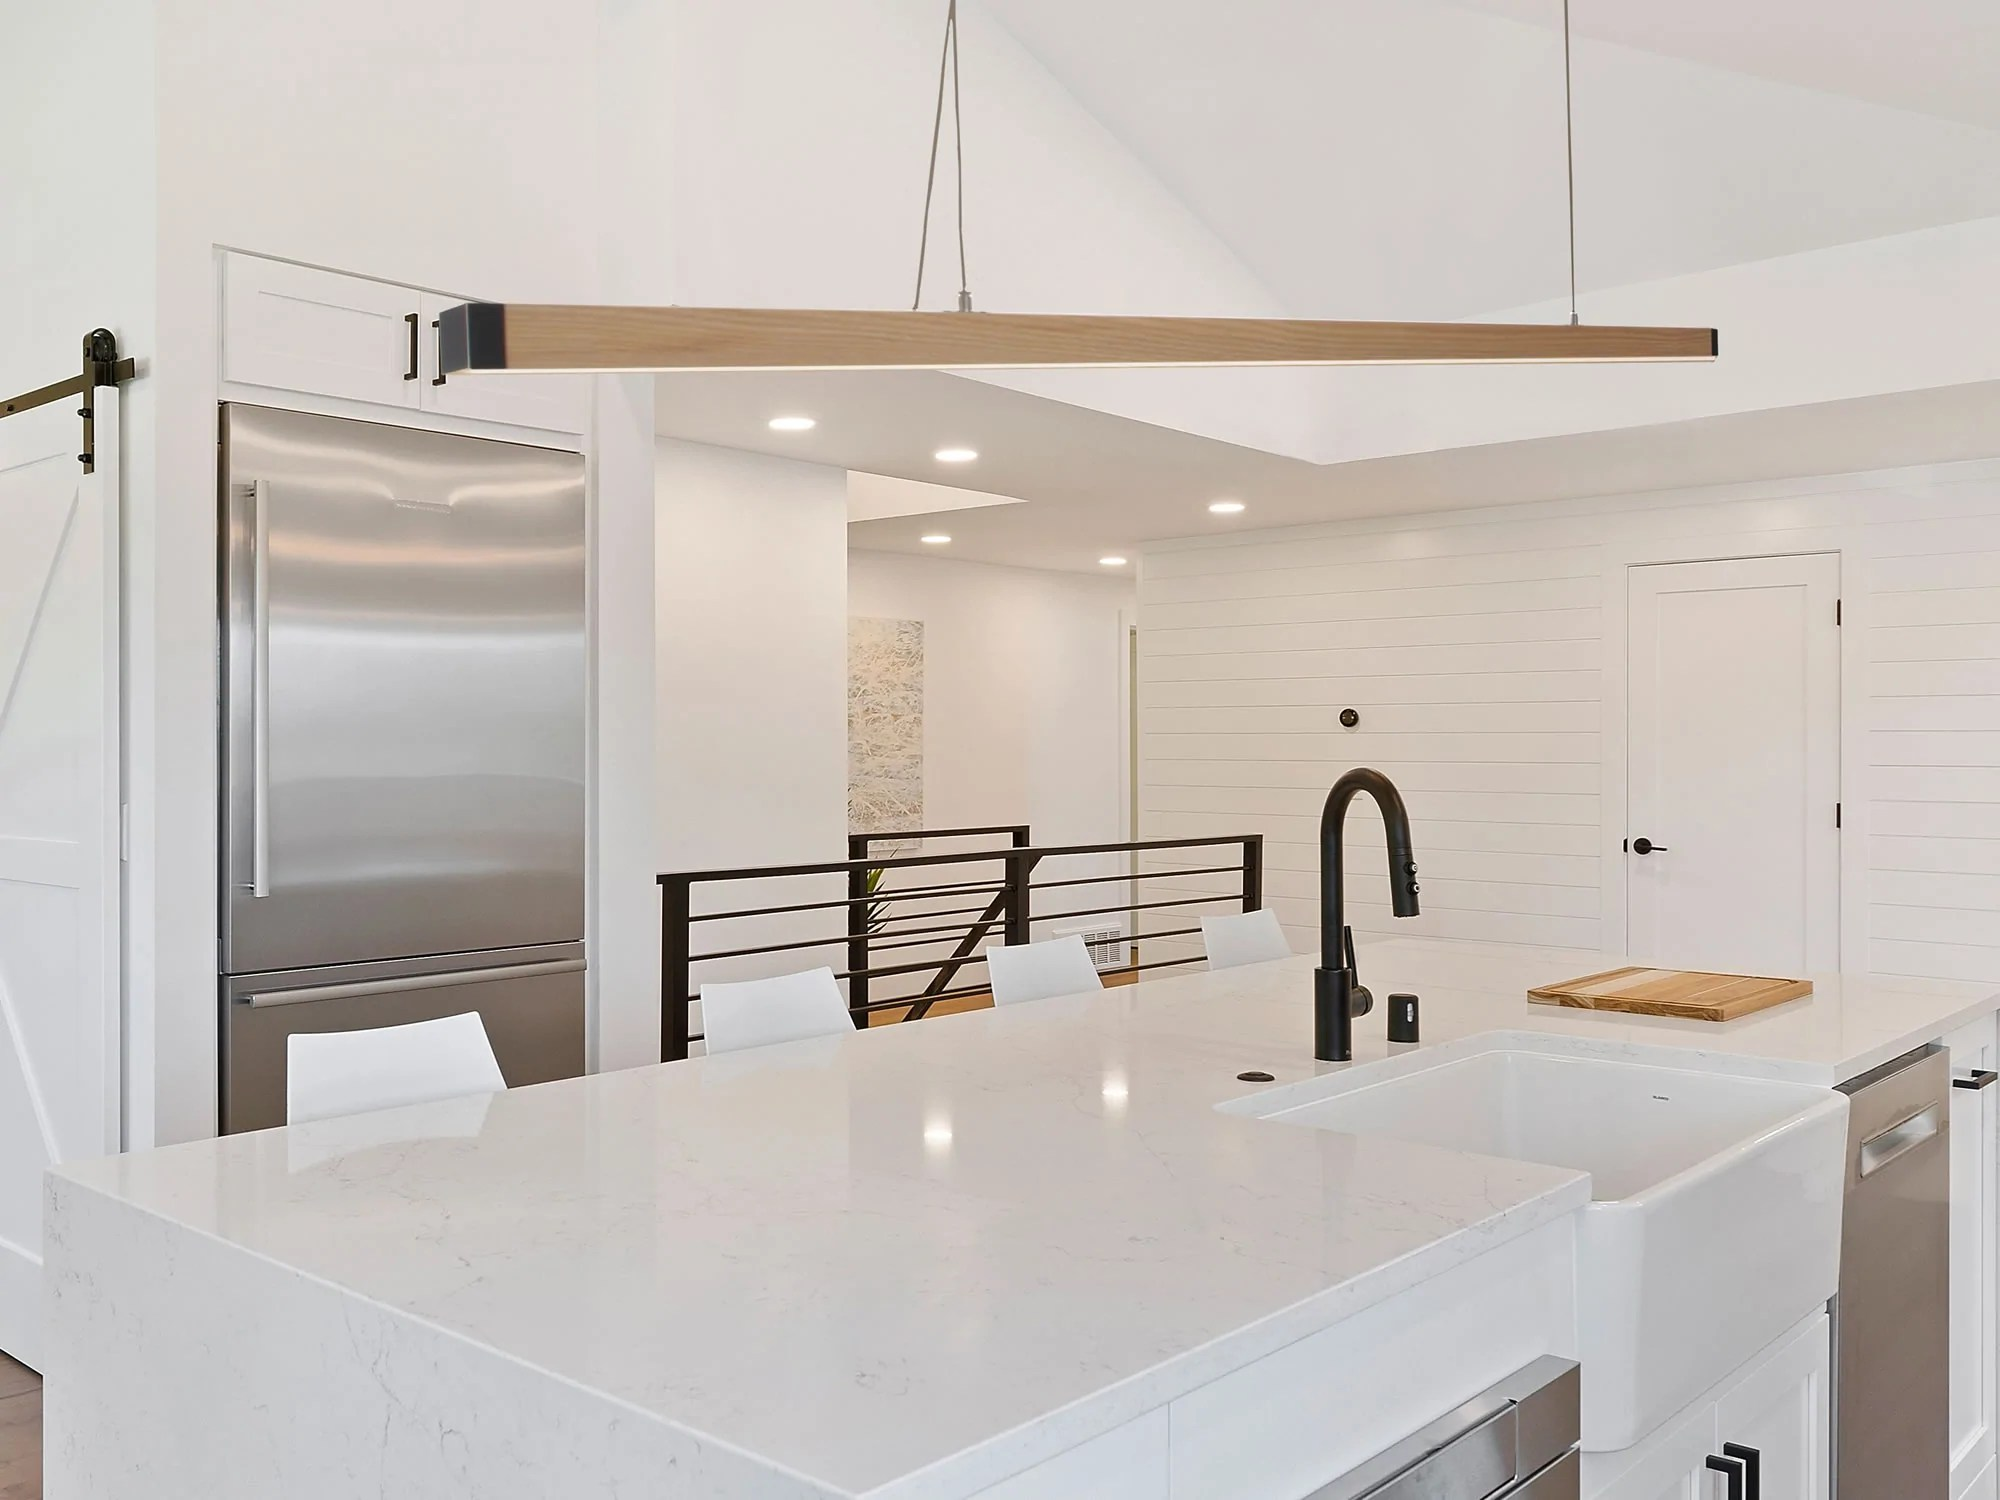 zenvida 1 light led modern kitchen